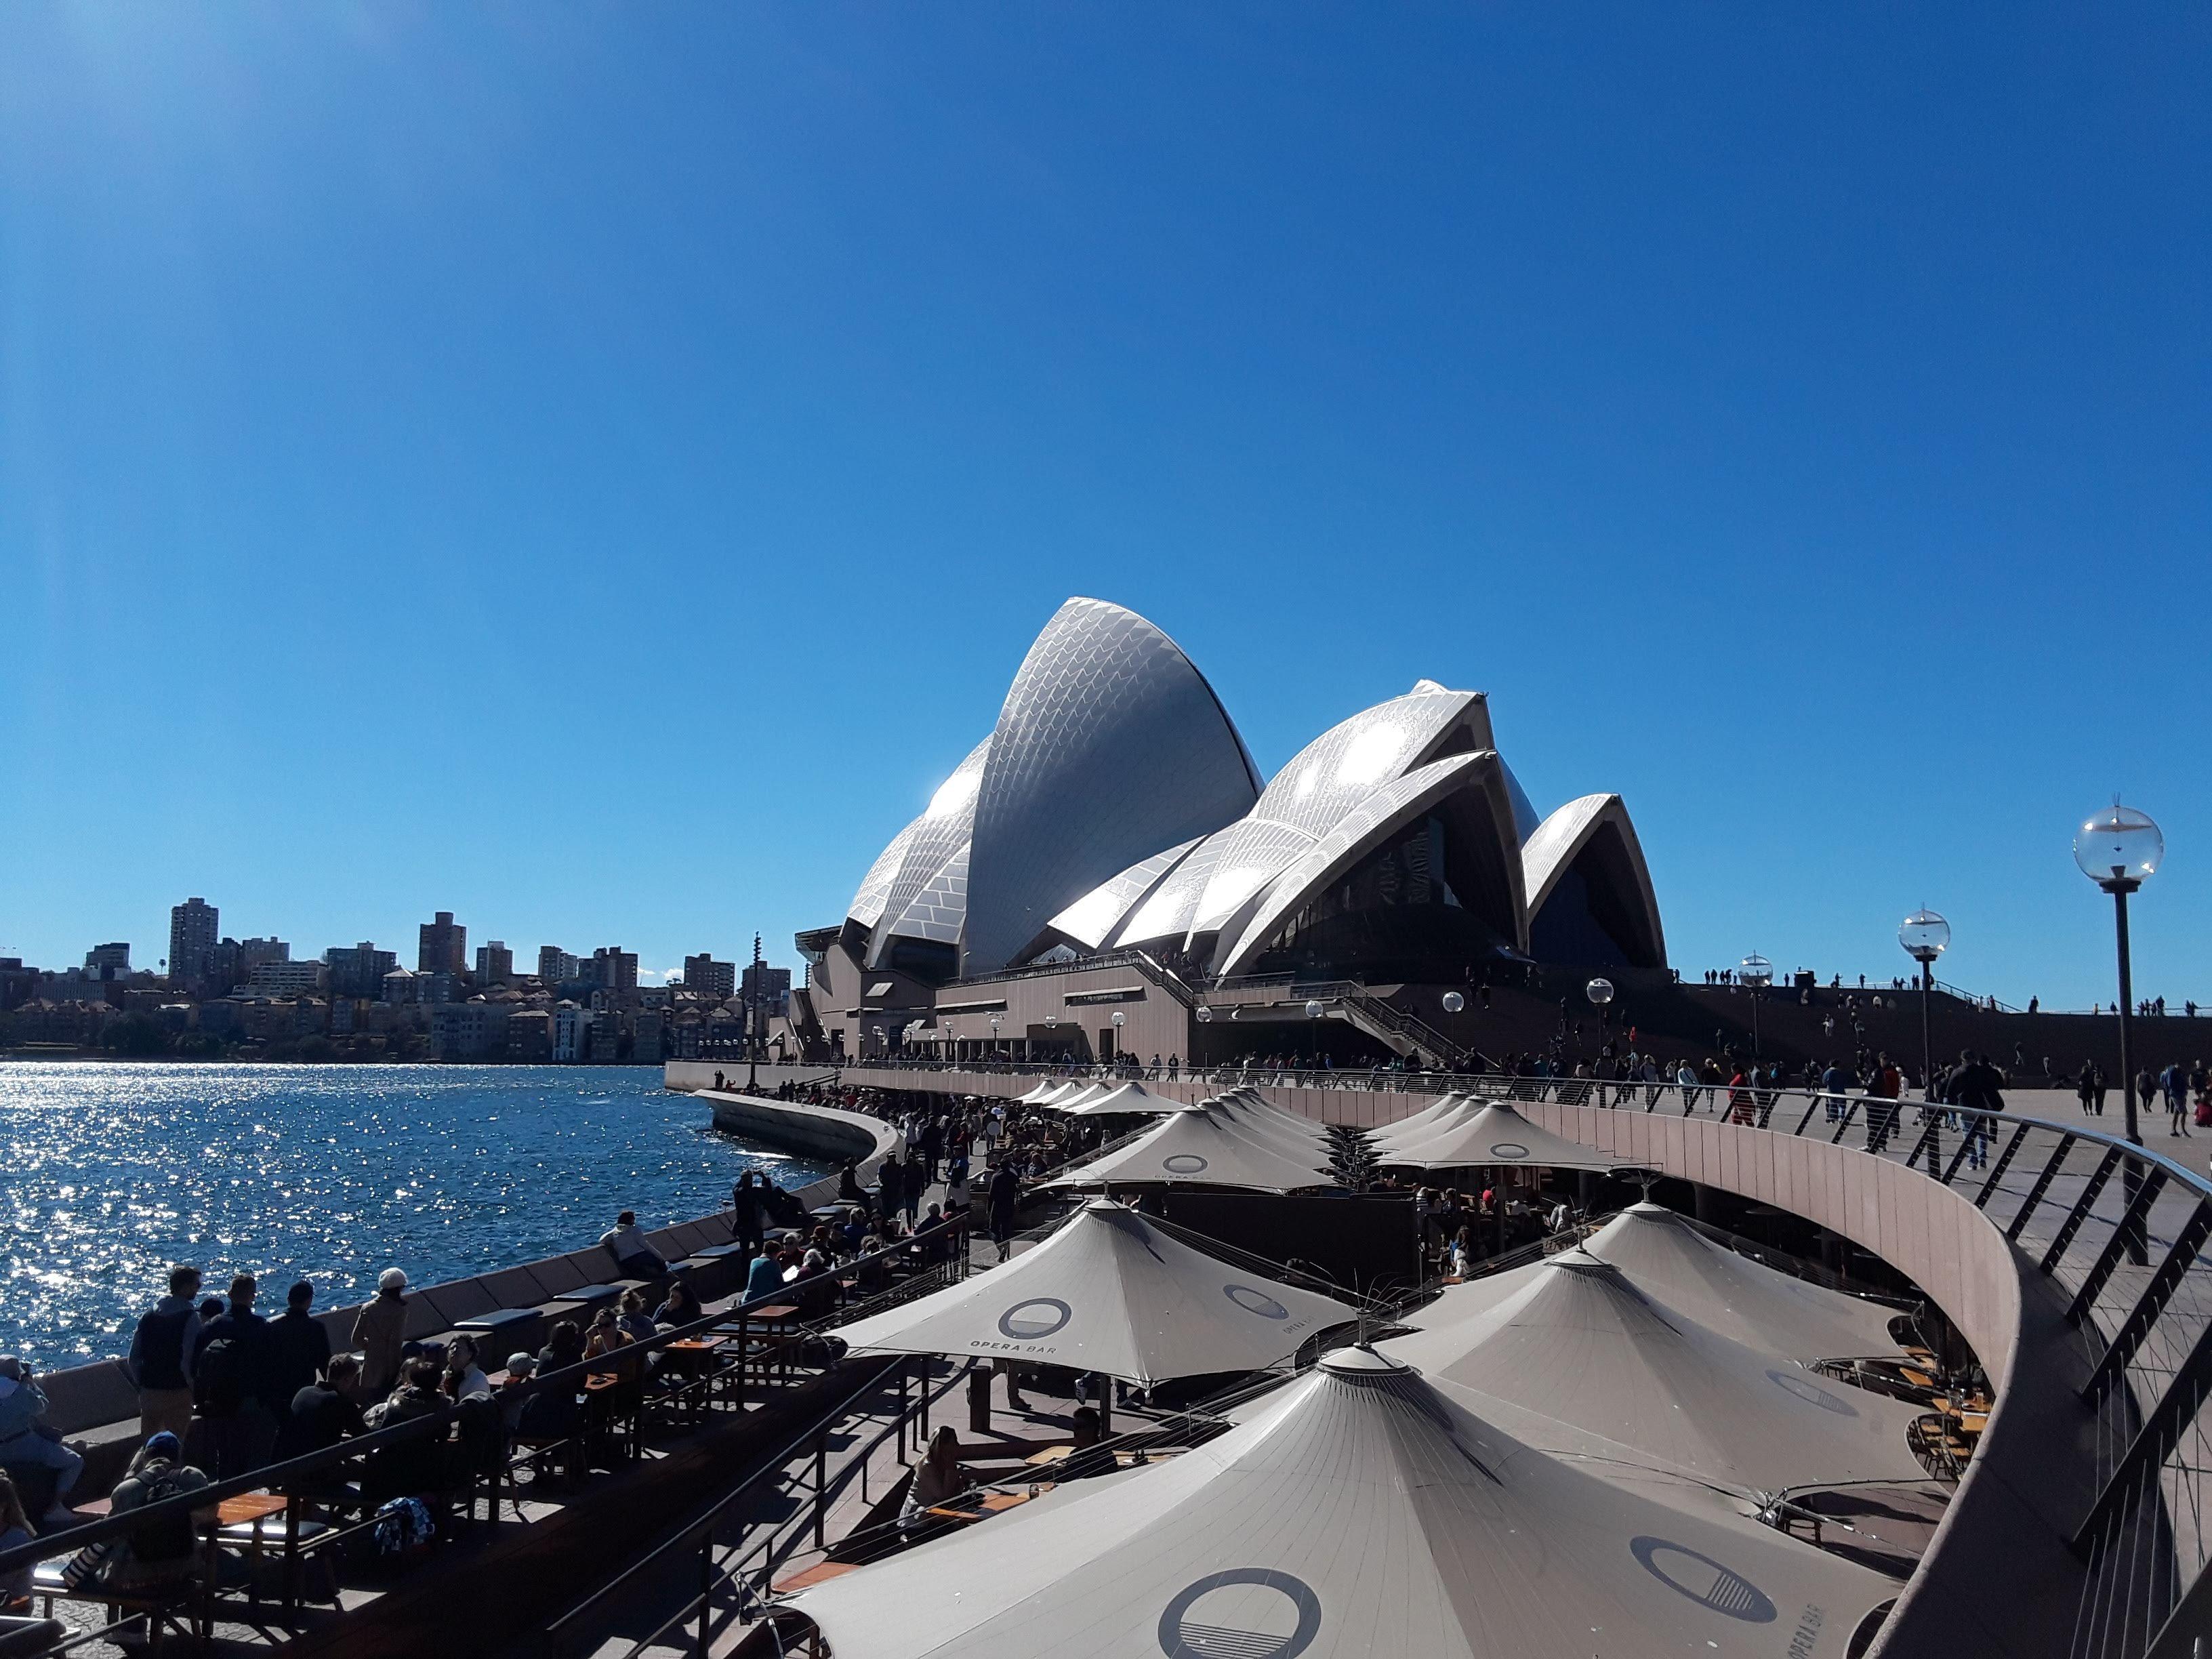 Sydney Australia by Zenab Tavakoli